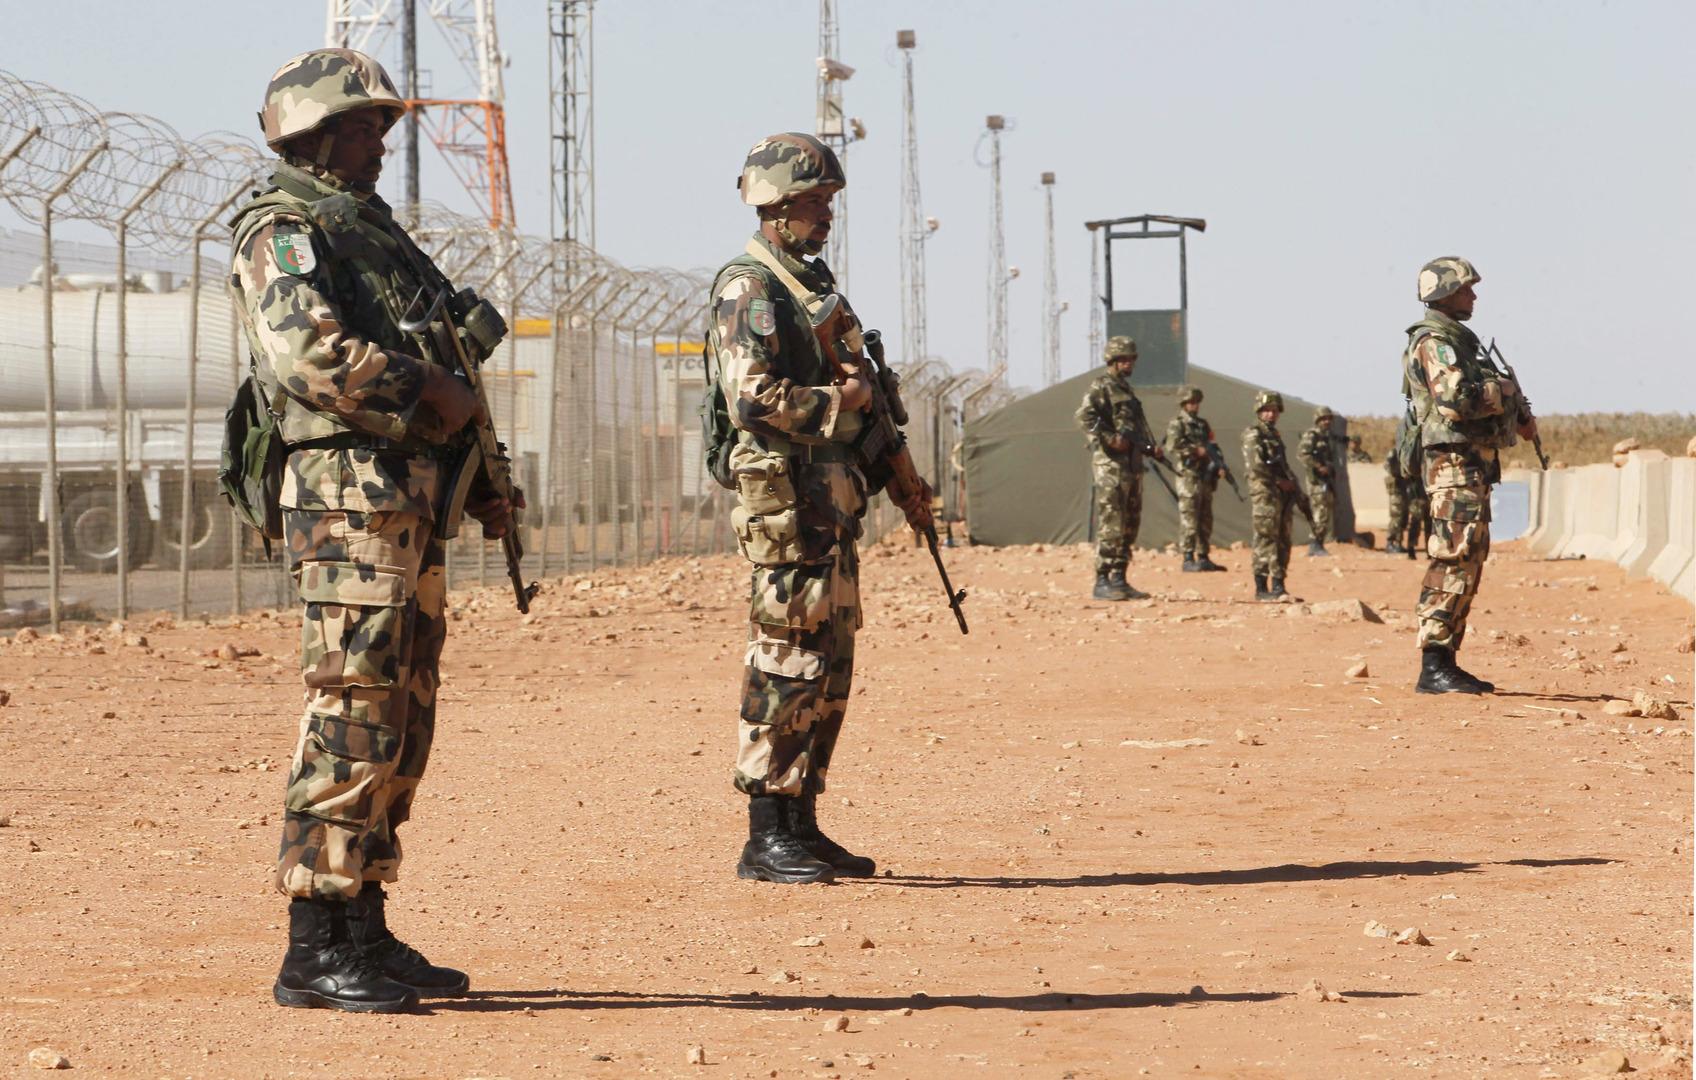 وزارة الدفاع الجزائرية تصدر بيانا حادا ضد